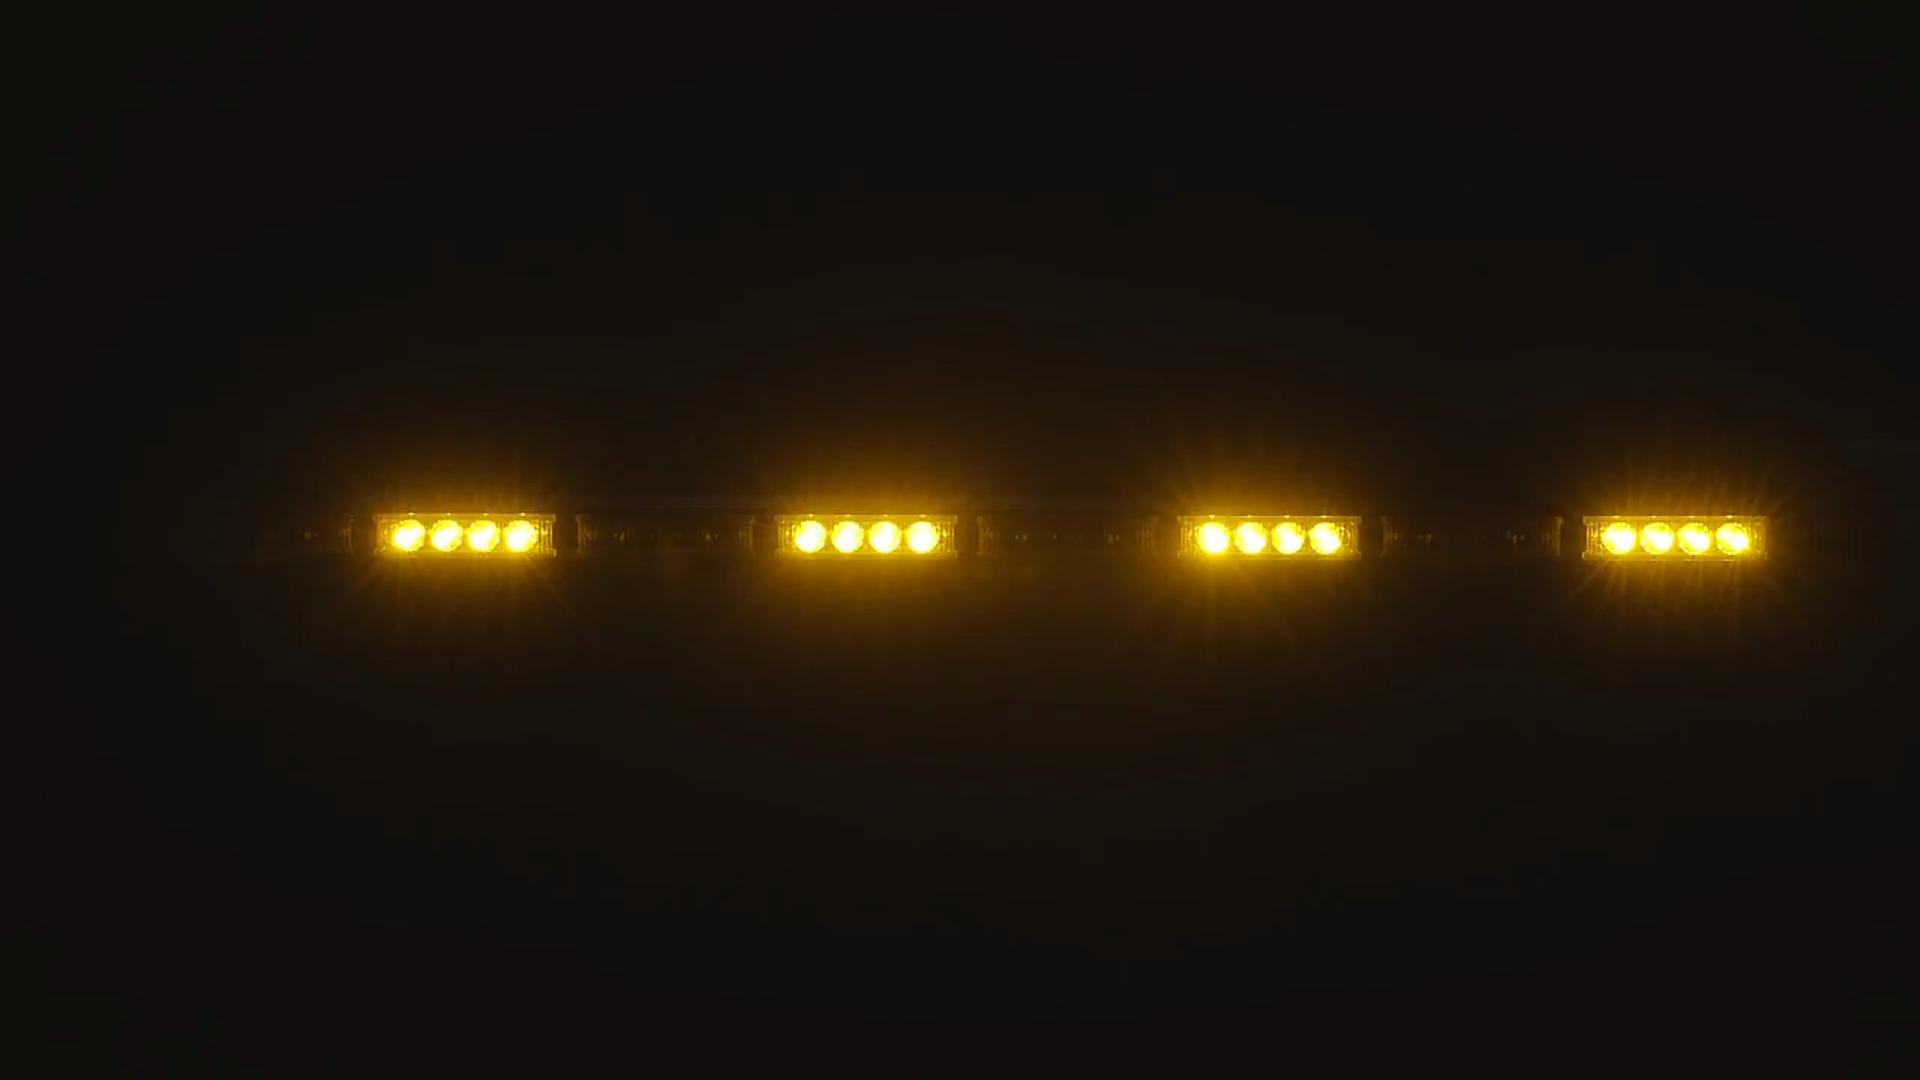 Vertical Mount Federal Signal LF18ES-LED Littlite LED Interior Mount Warning Light 18 Neck 18 Neck